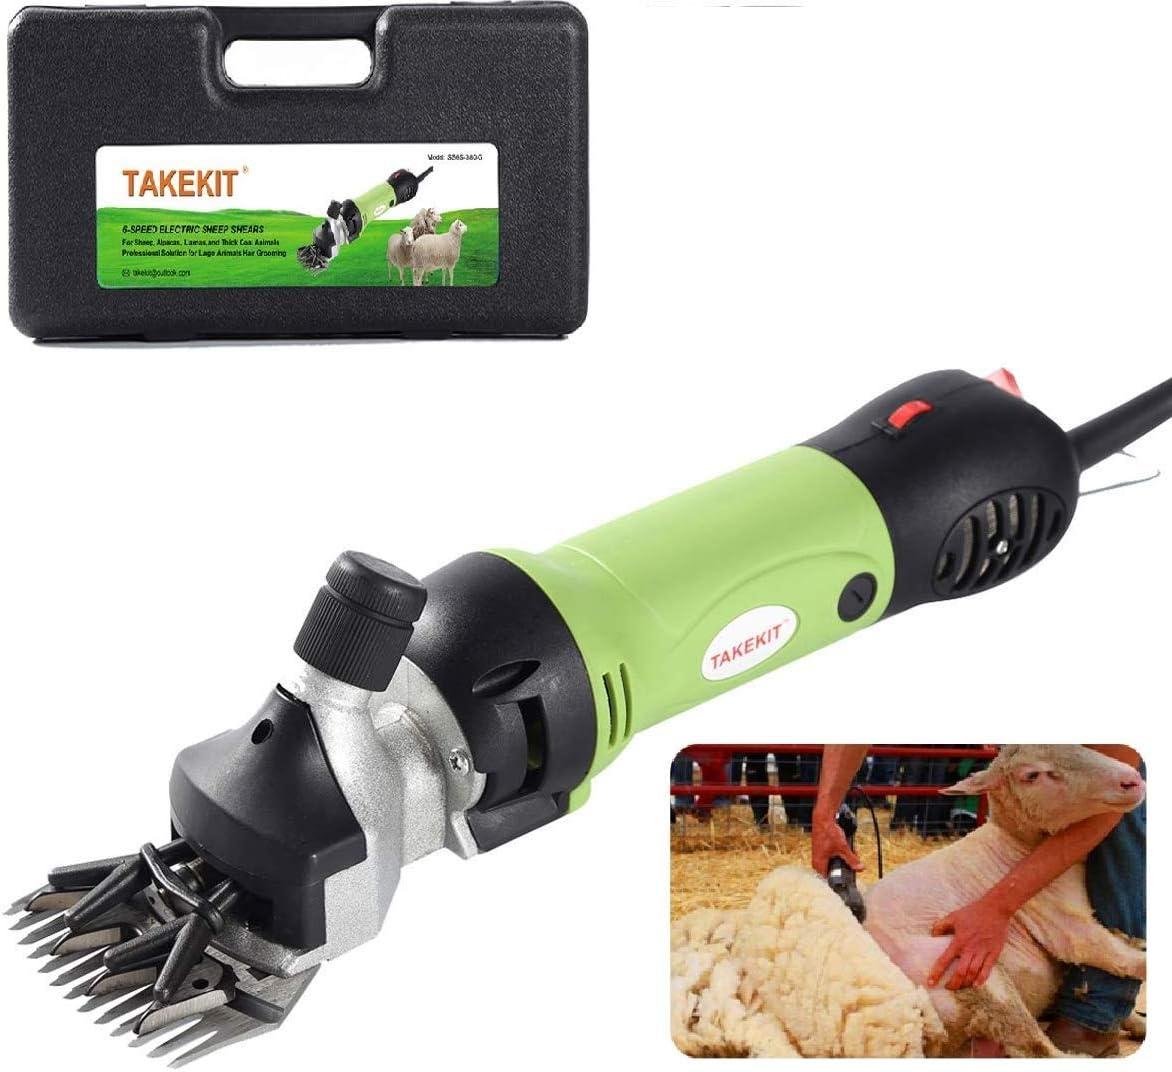 InLoveArts 350W Kit de Máquina Esquiladora de Ovejas Cabras Llamas Cortadora eléctrica de Esquileo Podadoras eléctricas de Aseo de Animales de con Ahorro de Tiempo Ajustable 6 Velocidad